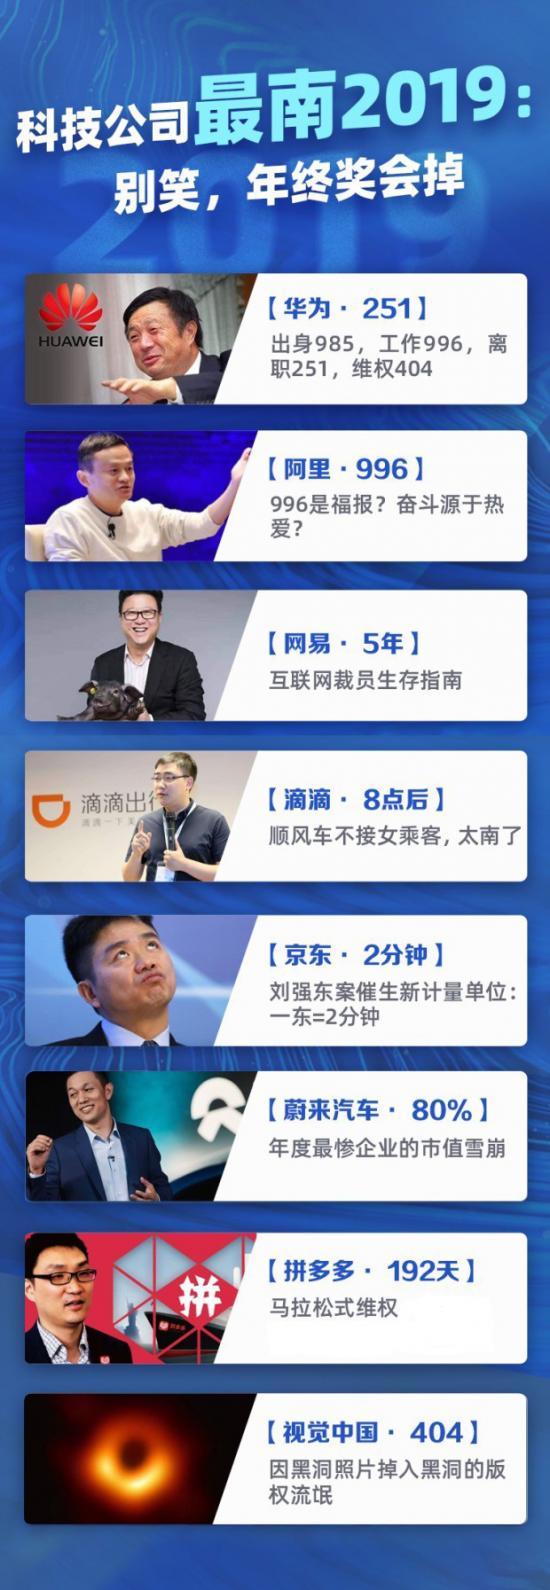 科技公司最南2019:别笑,年终奖会掉